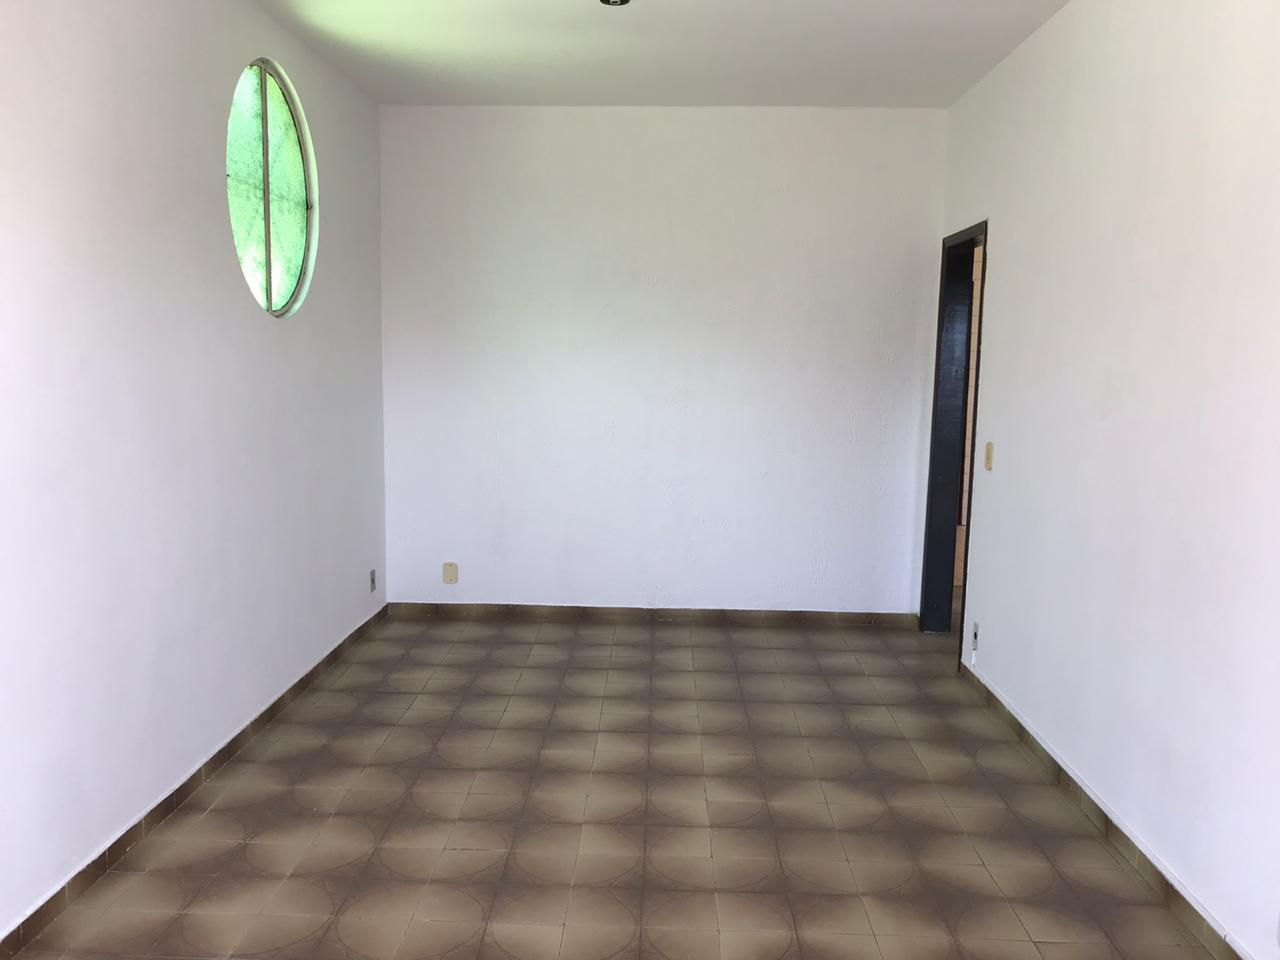 FOTO 1 - Casa à venda Rua Quiririm,Vila Valqueire, Rio de Janeiro - R$ 320.000 - RF274 - 1